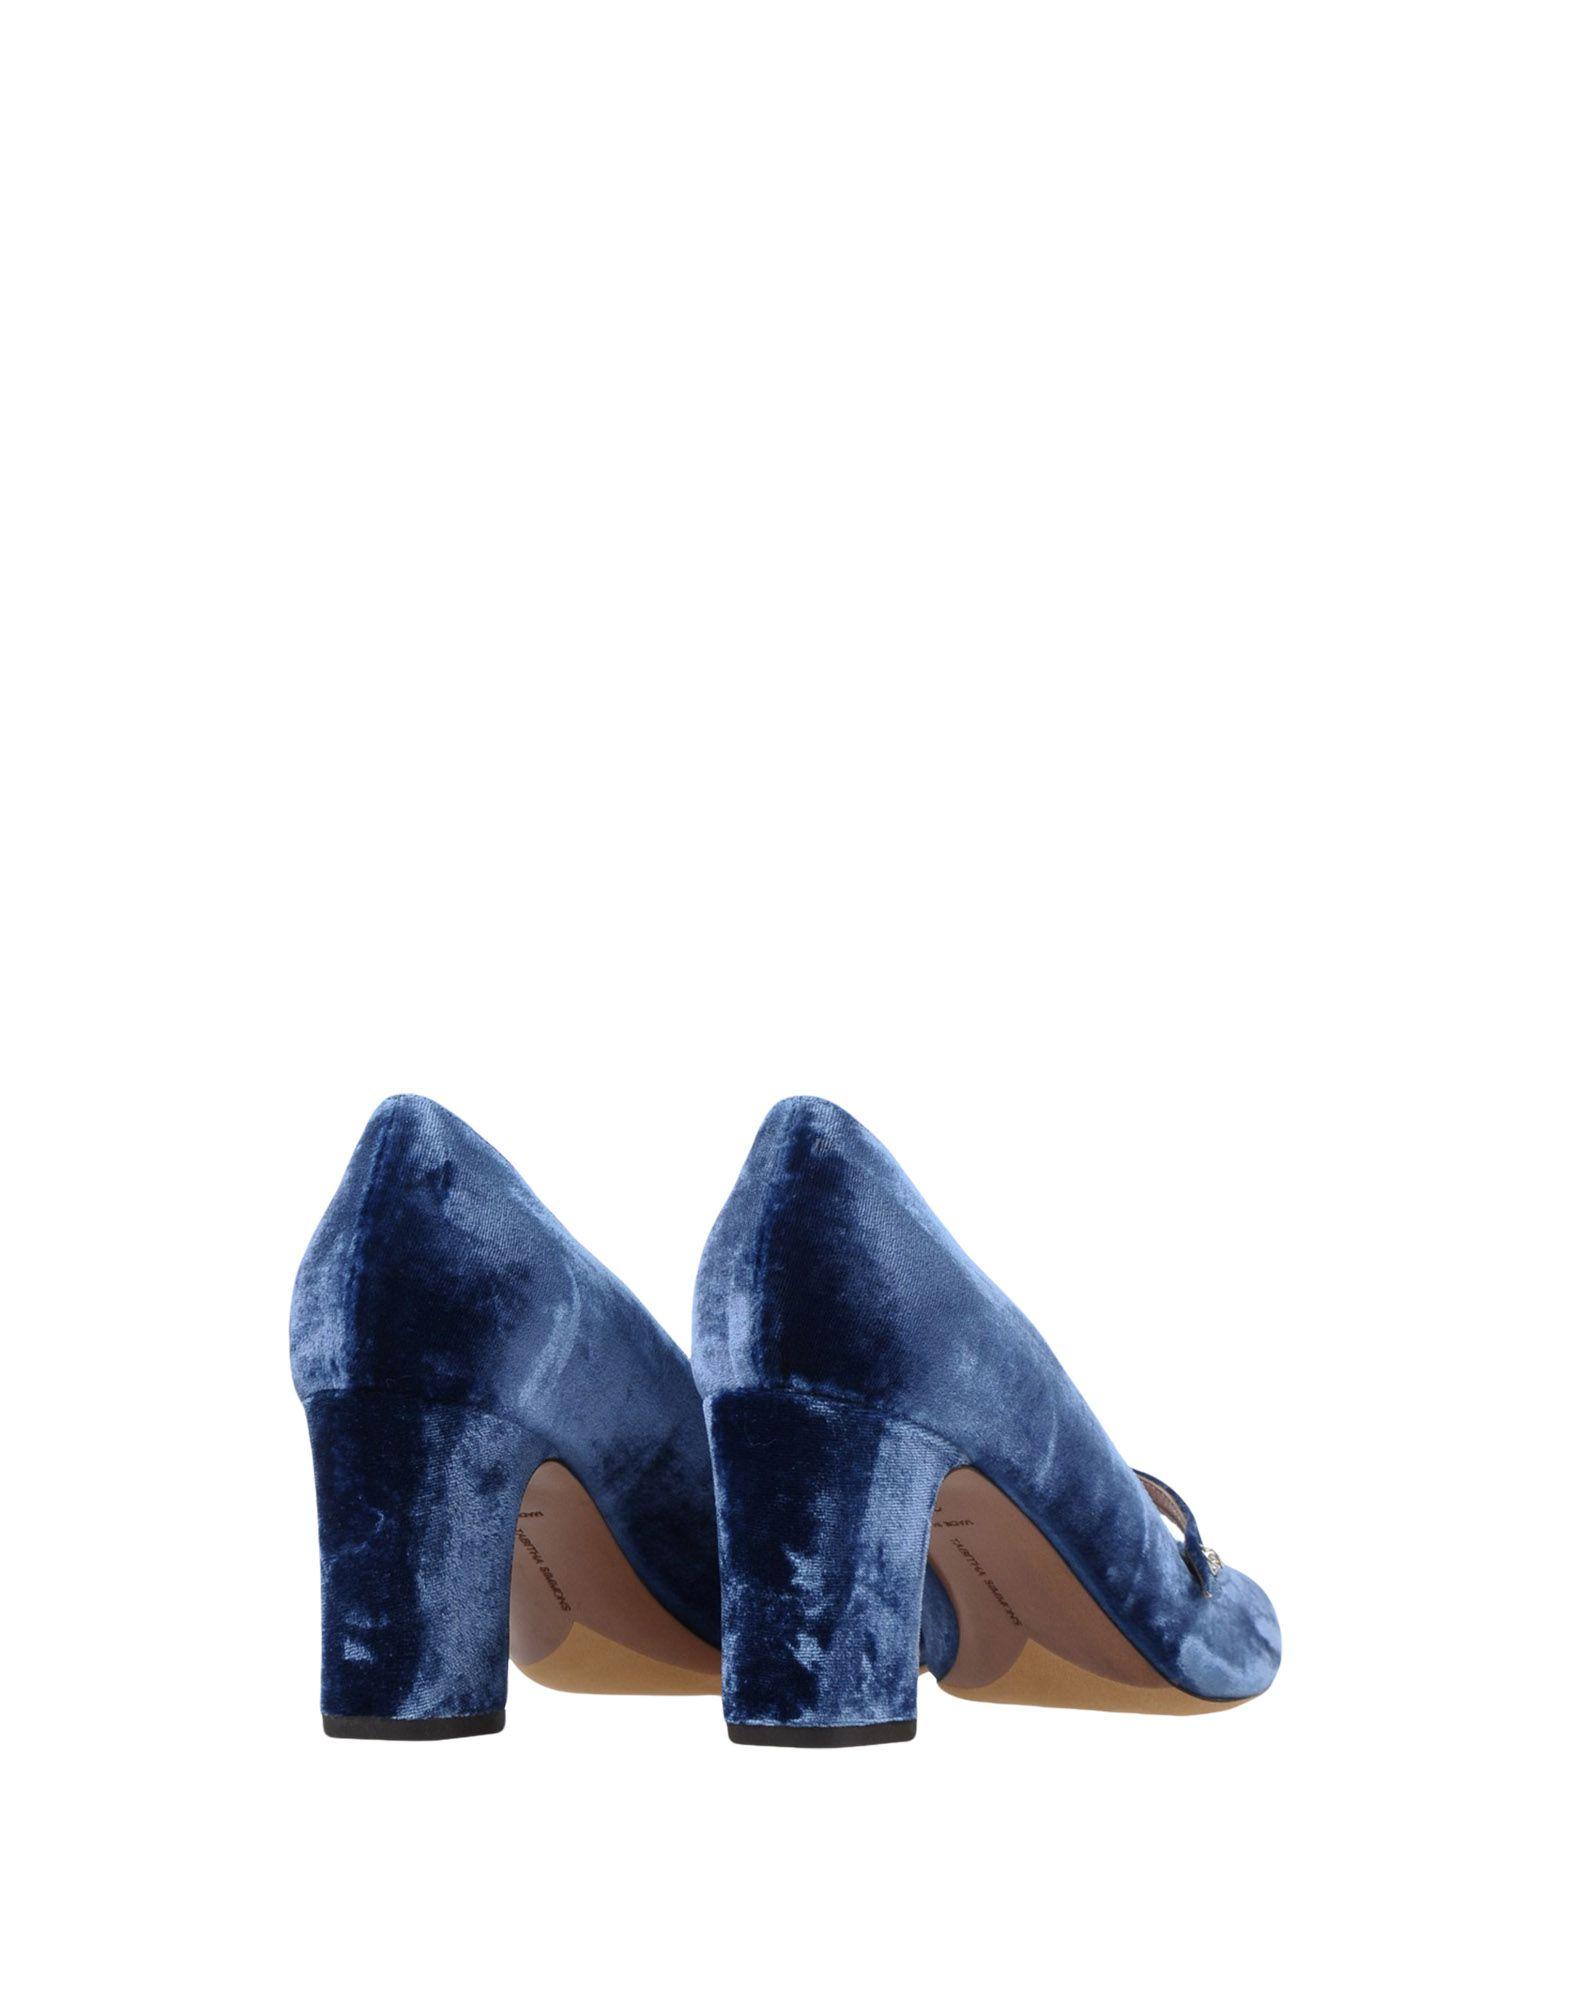 Rabatt Schuhe Pumps Tabitha Simmons Pumps Schuhe Damen  11508249MQ a1be4e